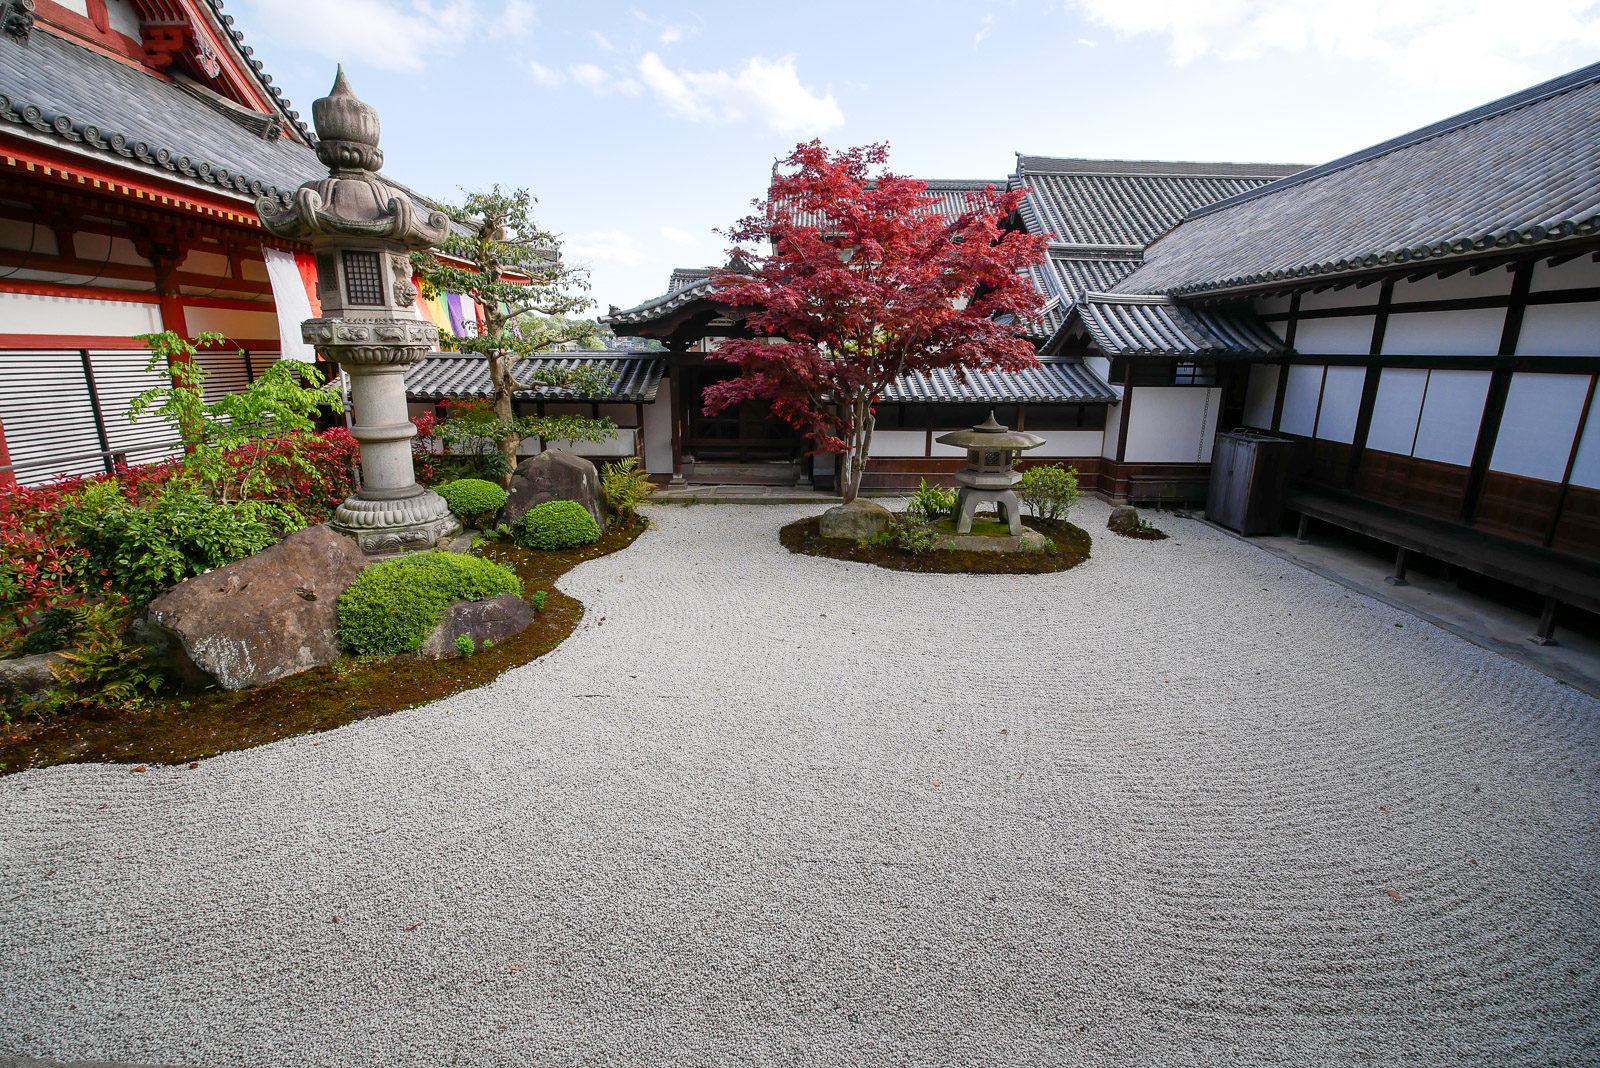 浄土寺 方丈庭園